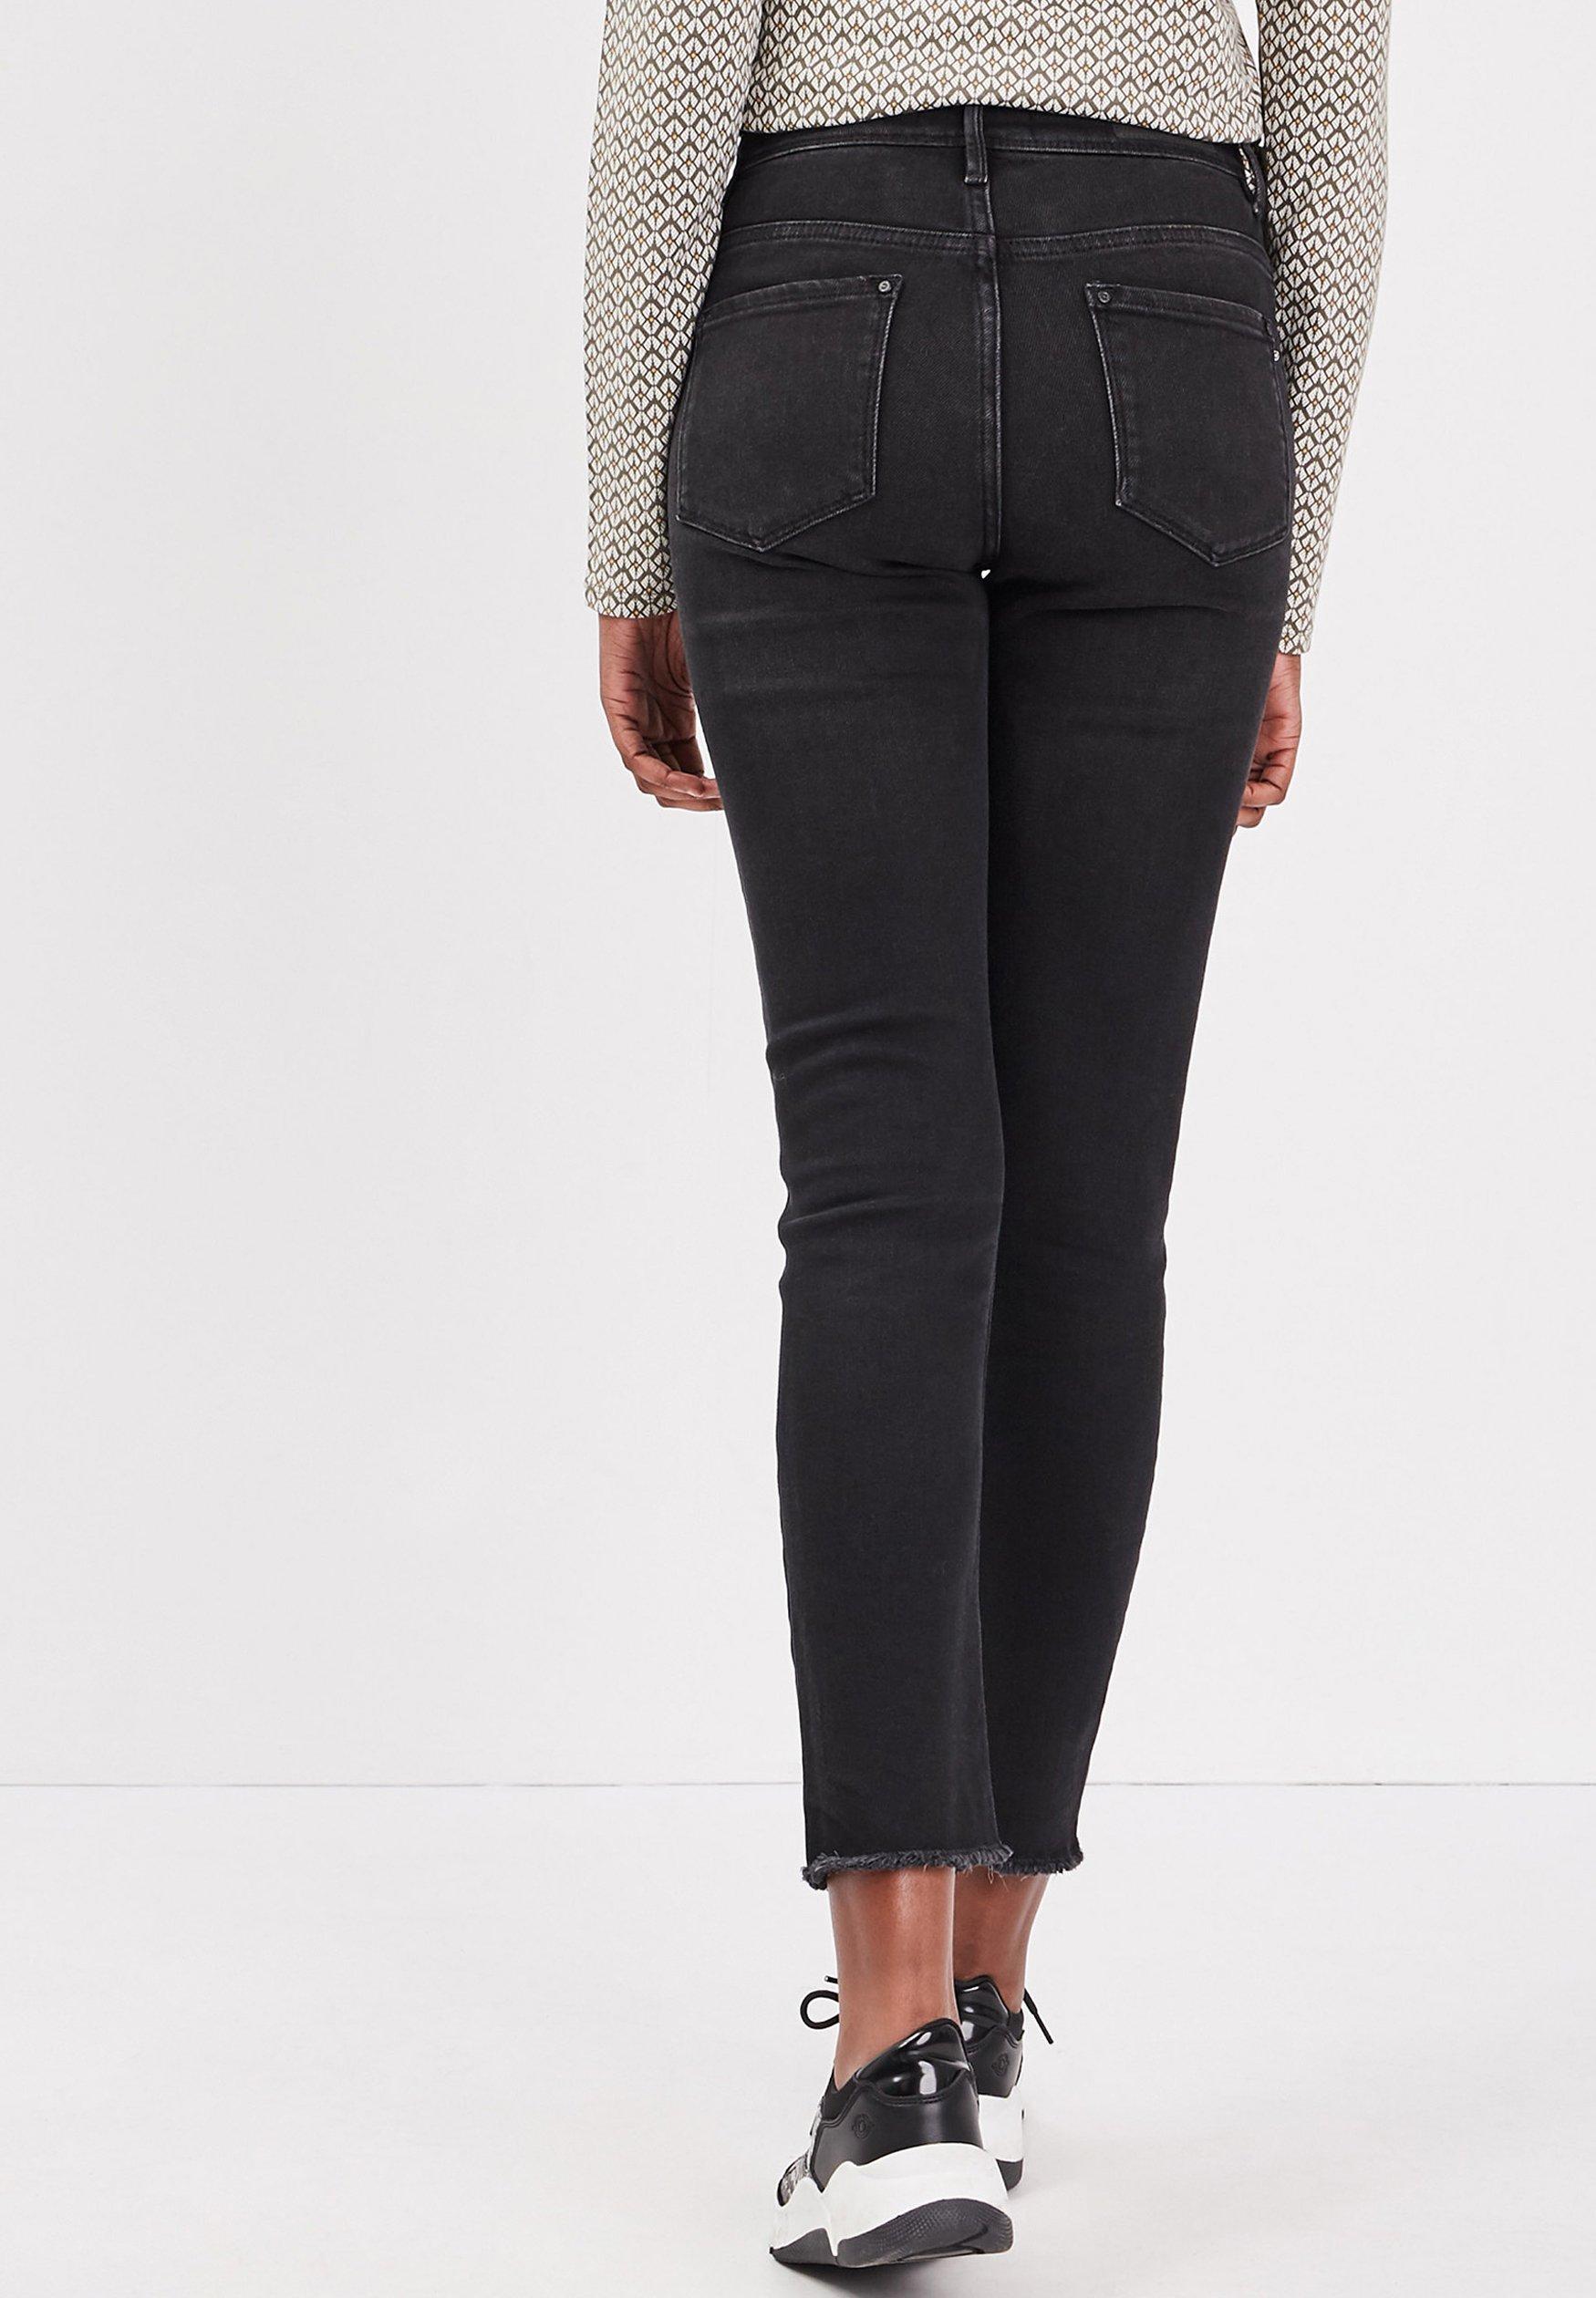 BONOBO Jeans Jean slim - black denim - Jeans Femme t5Fei